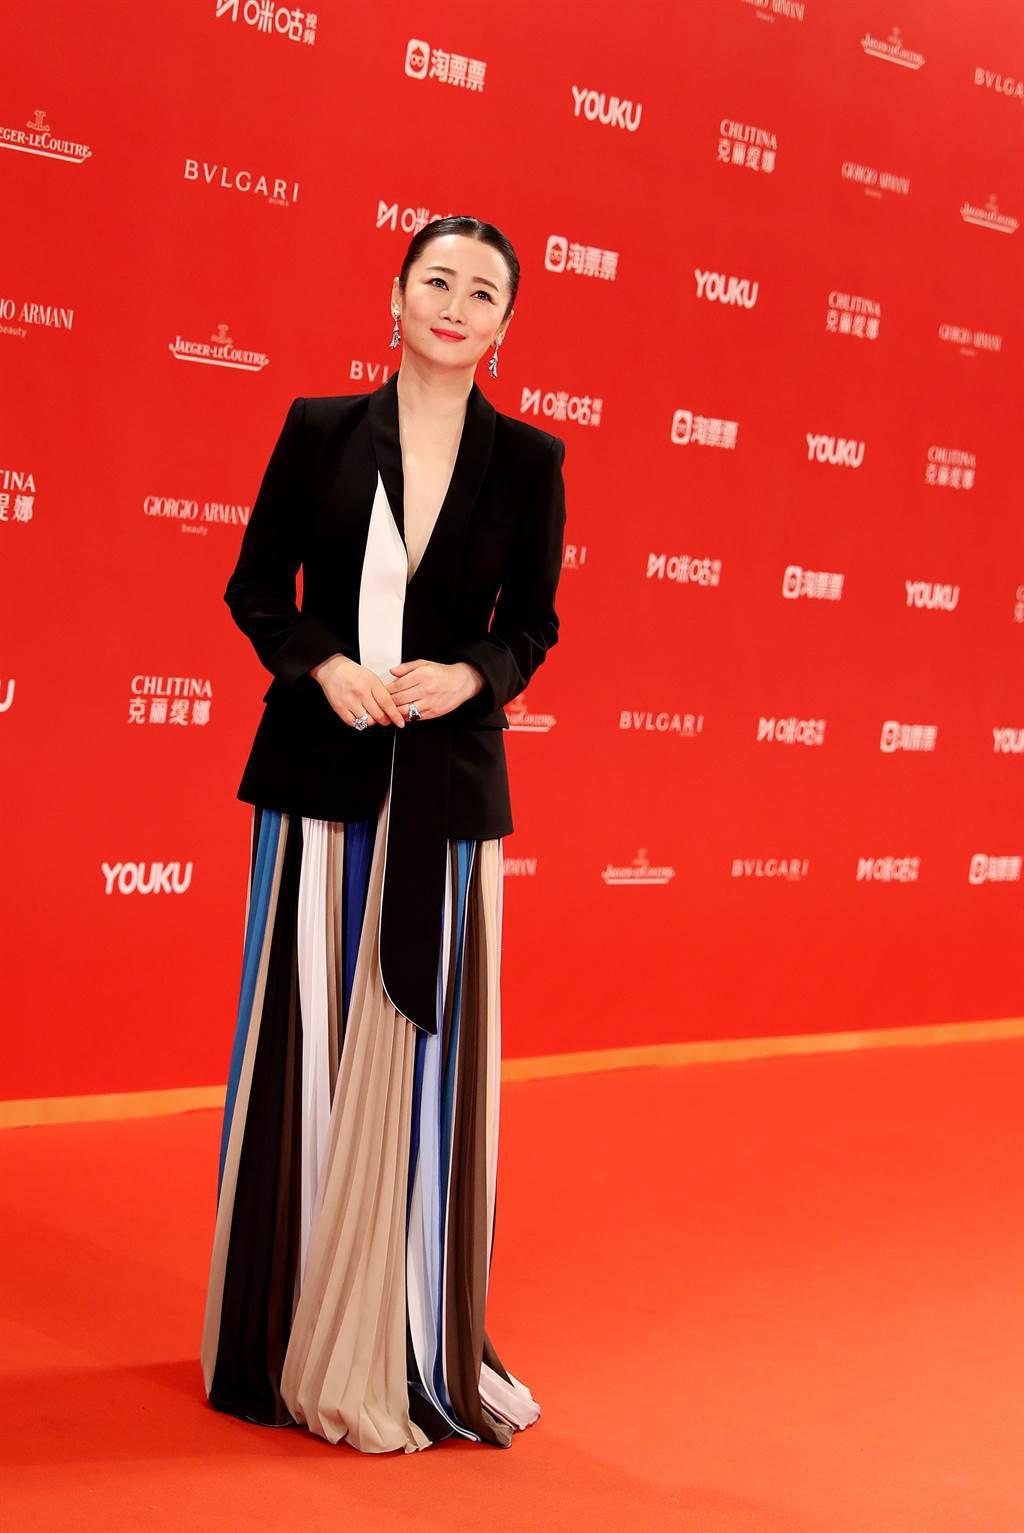 赵涛是唯一华人演员入围。(新华社)